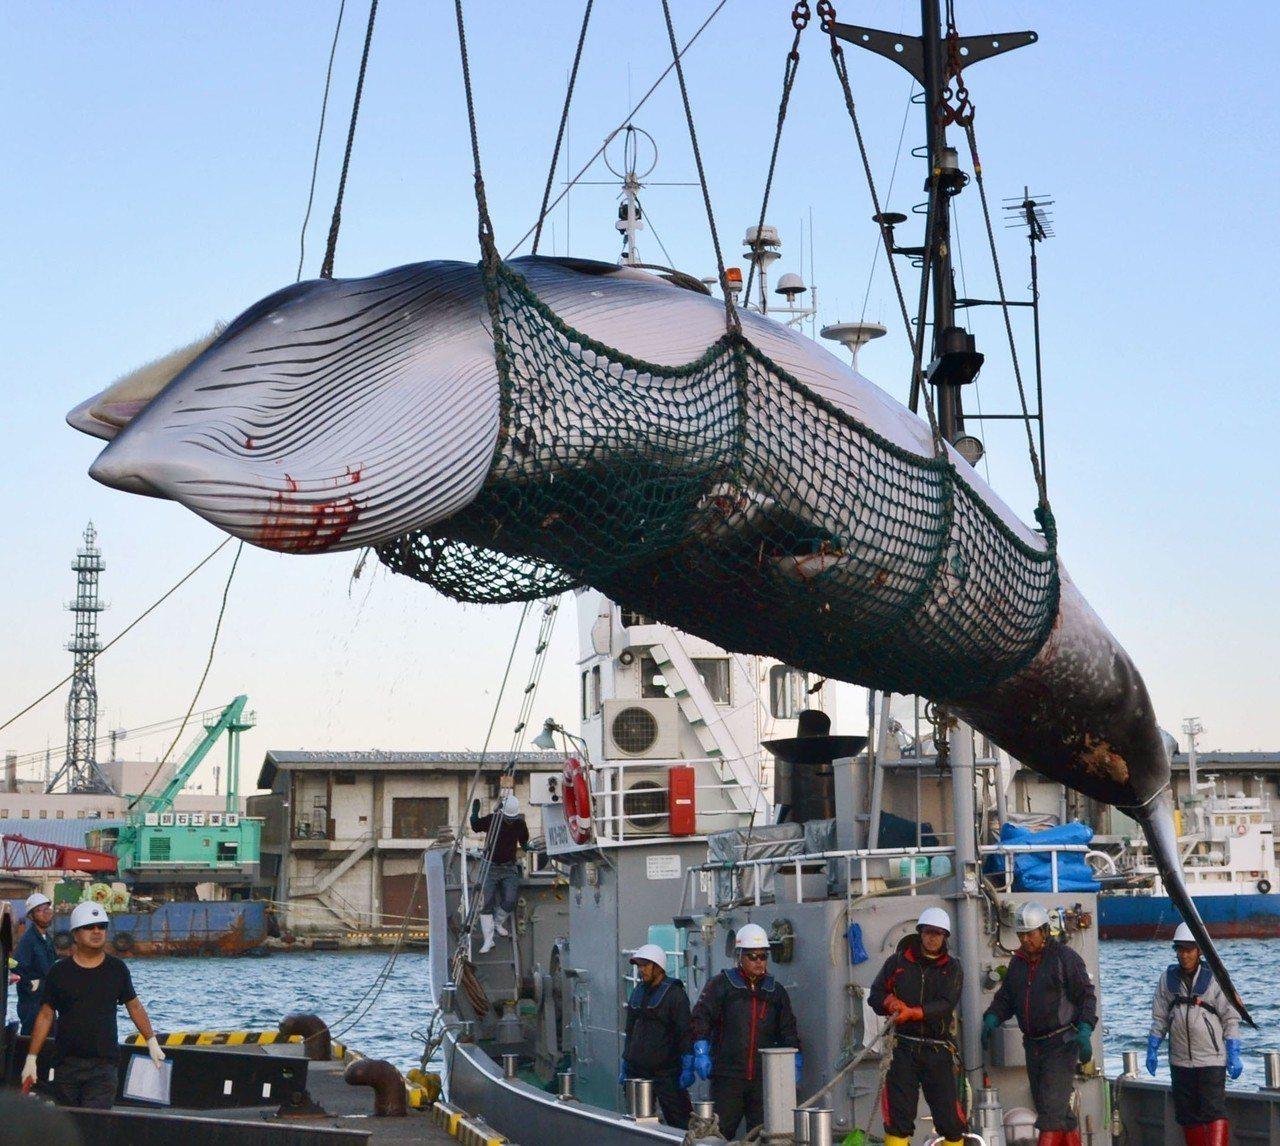 日本宣布退出「國際捕鯨委員會」(IWC),並於明年恢復商業捕鯨。美聯社